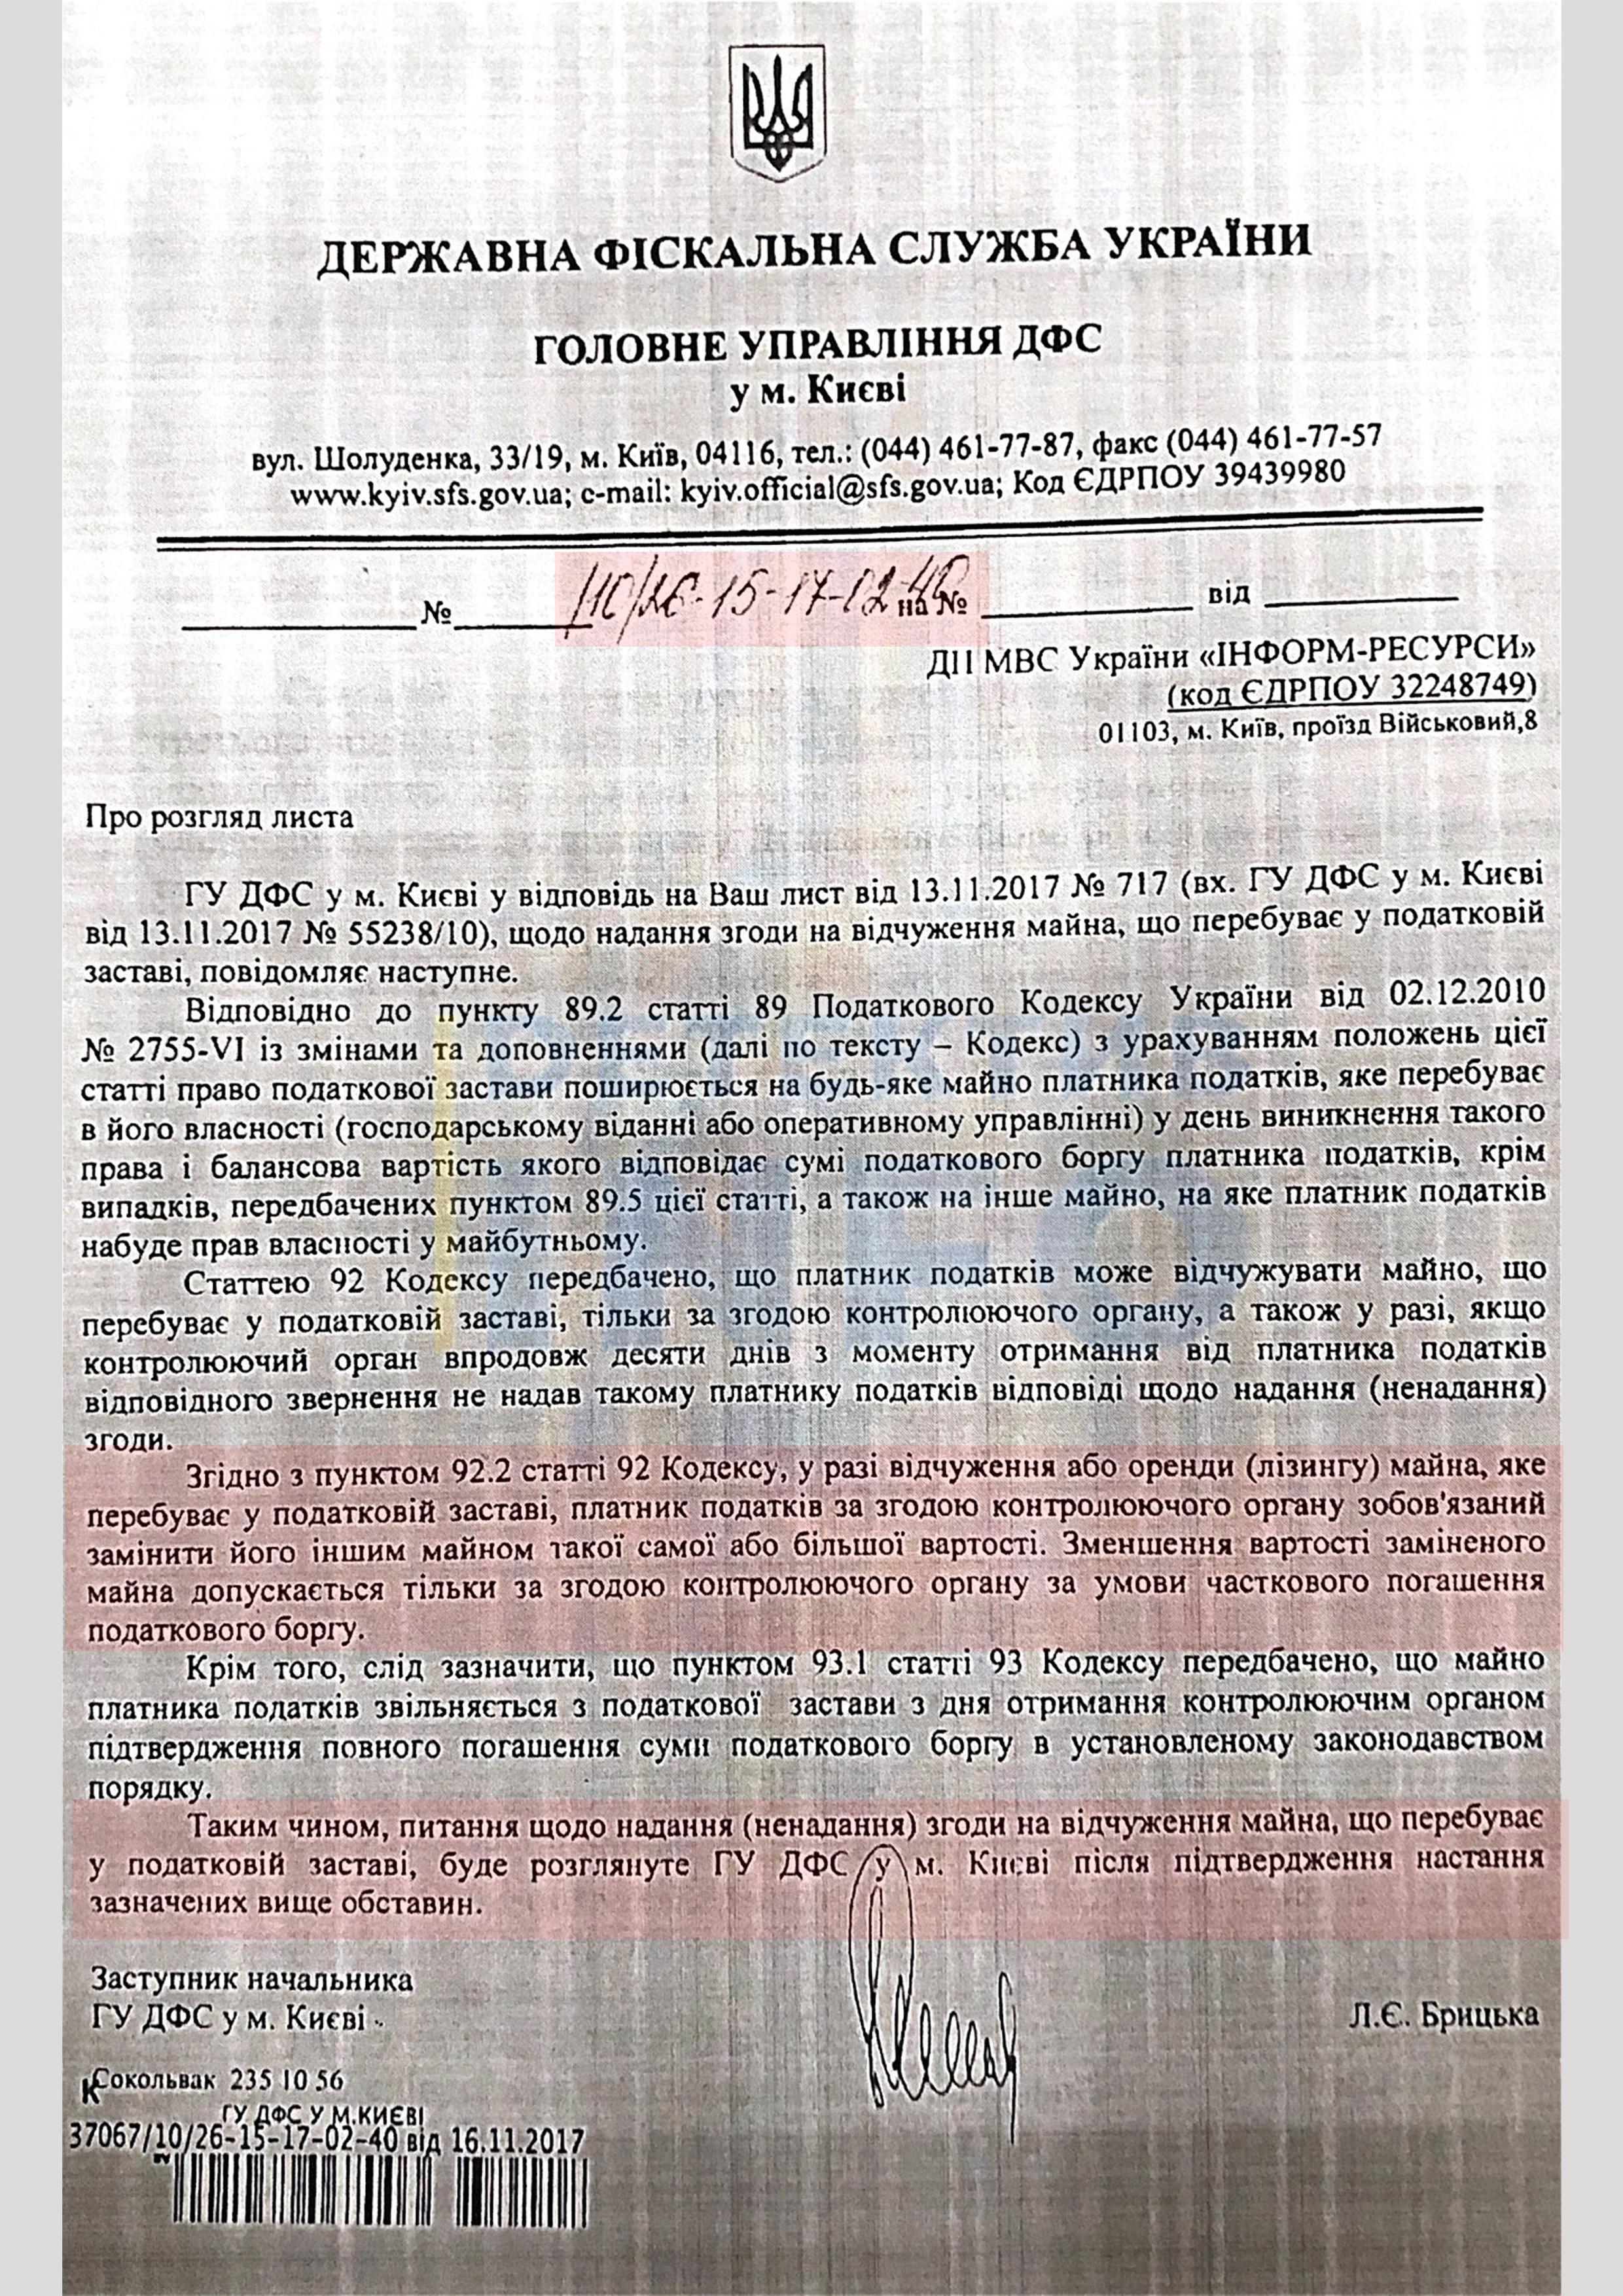 lyst%20dfs%20spravjniy - Олексій Тахтай продає коштовне майно в центрі Києва?